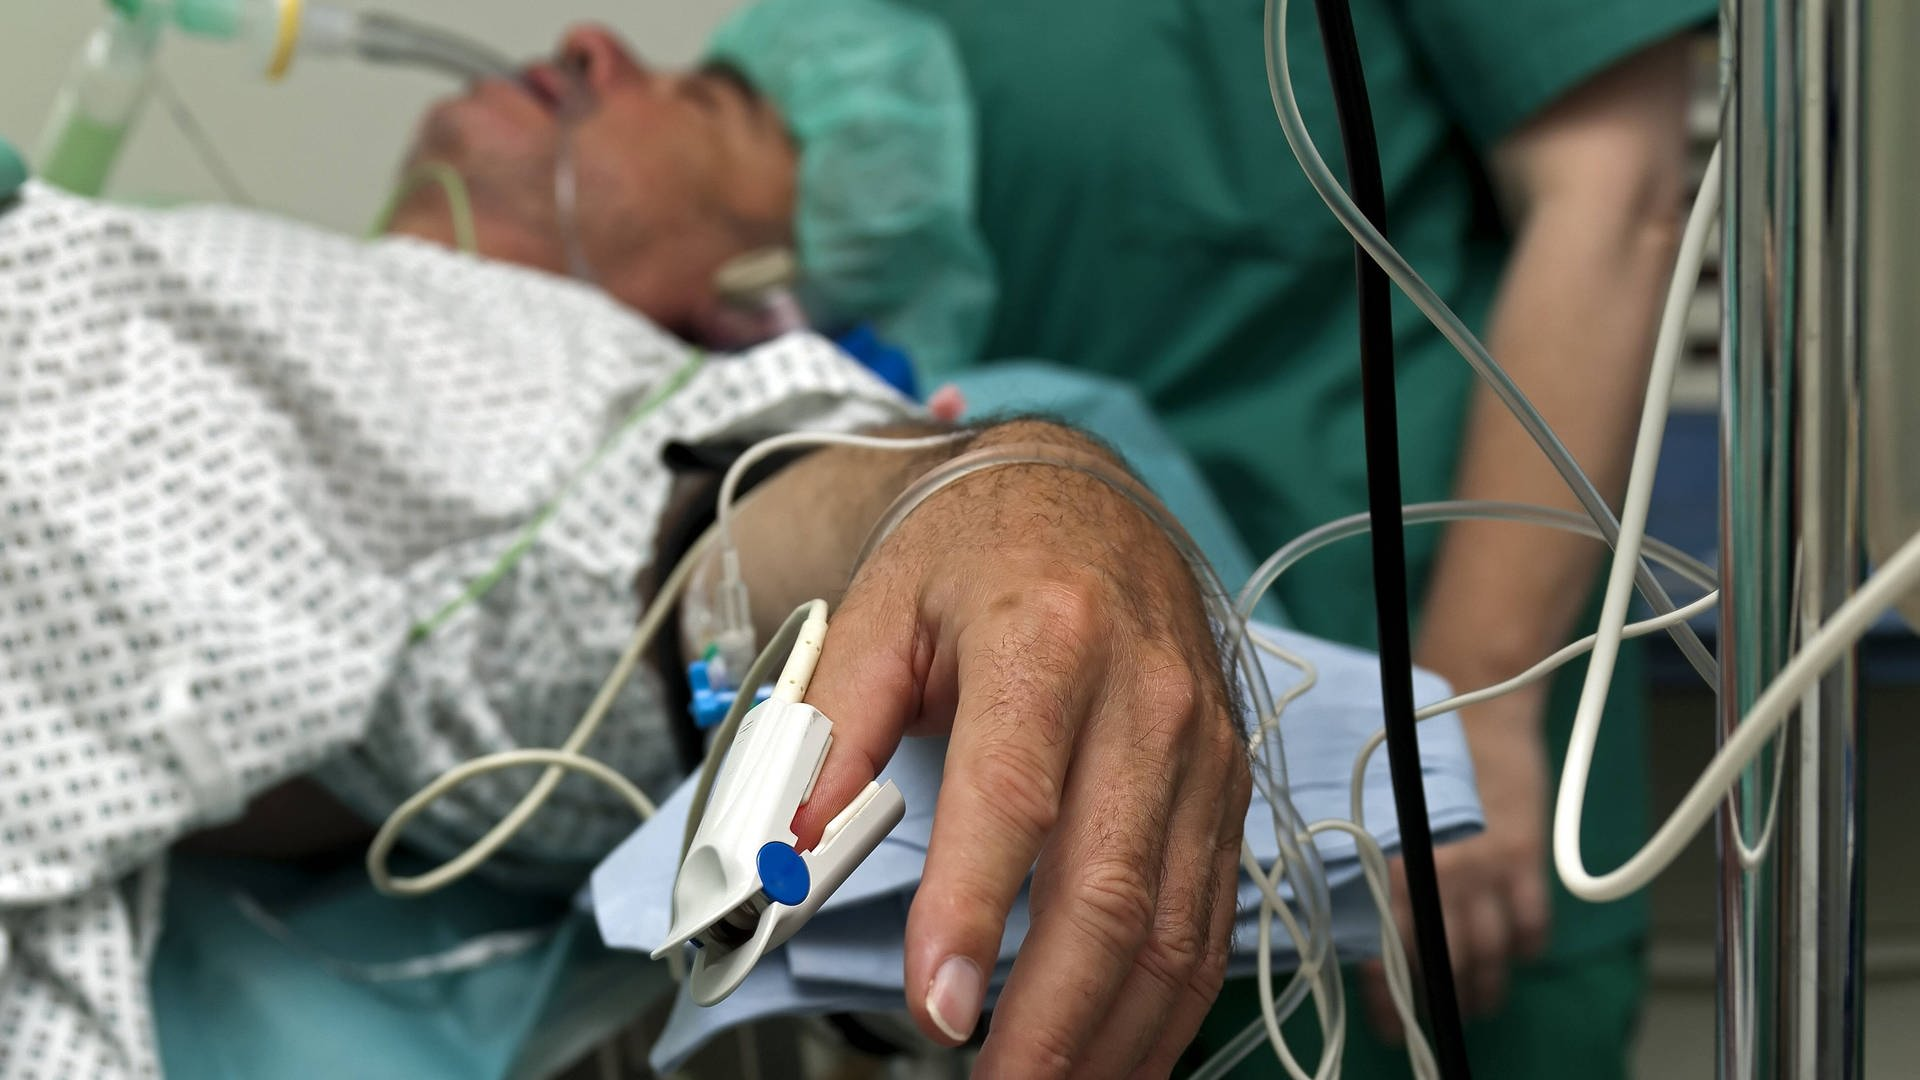 Wie lange dauert die heilung nach einer gallen op